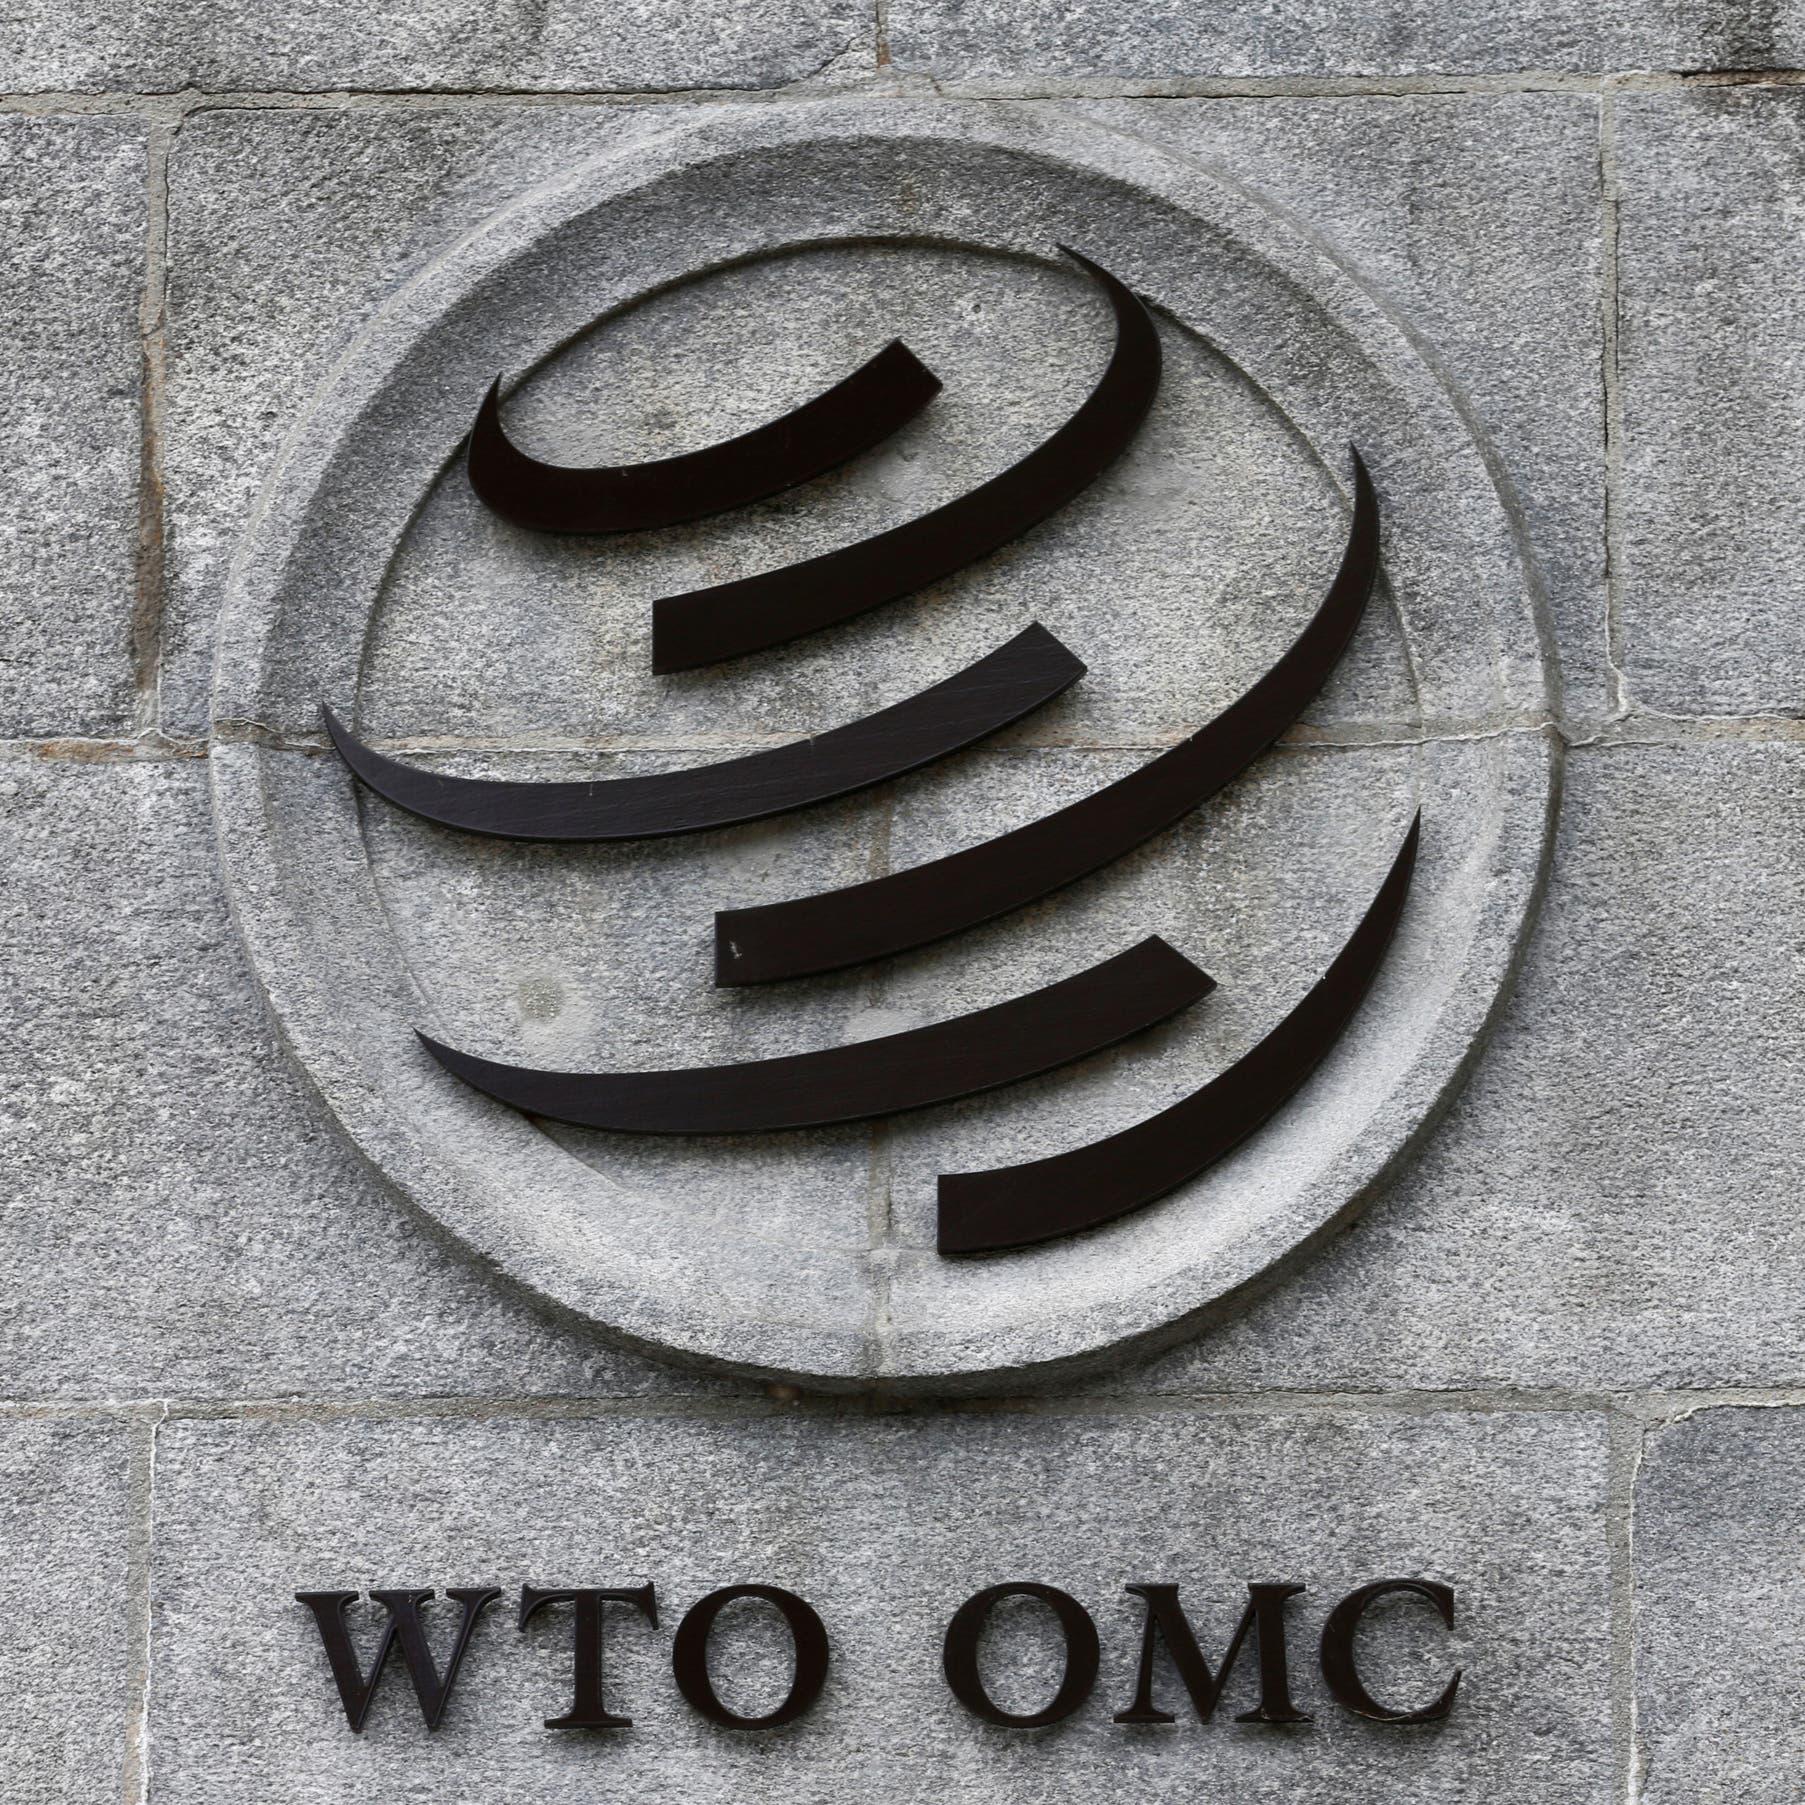 منظمة التجارة تحكم للاتحاد الأوروبي بفرض رسوم على سلع أميركية